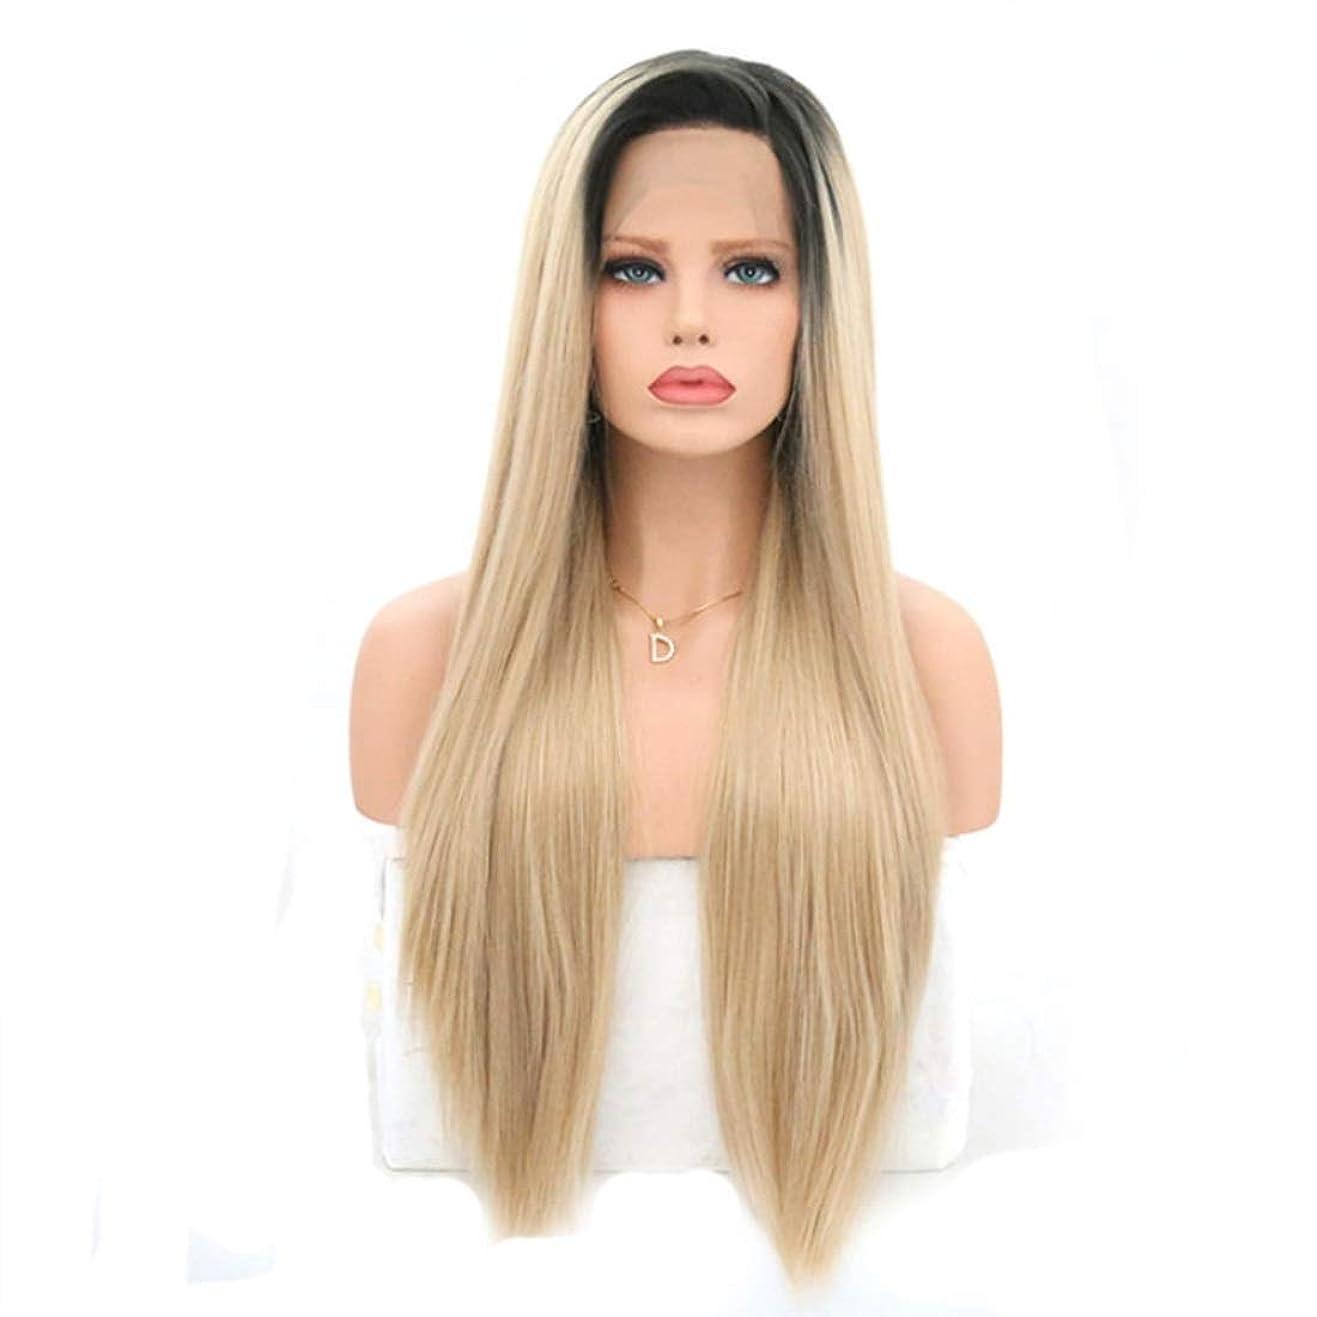 正しいハードリング素晴らしい良い多くのSummerys 女性のためのロングストレートかつら前髪付きかつら人工毛髪かつら自然なかつら (Size : 22 inches)